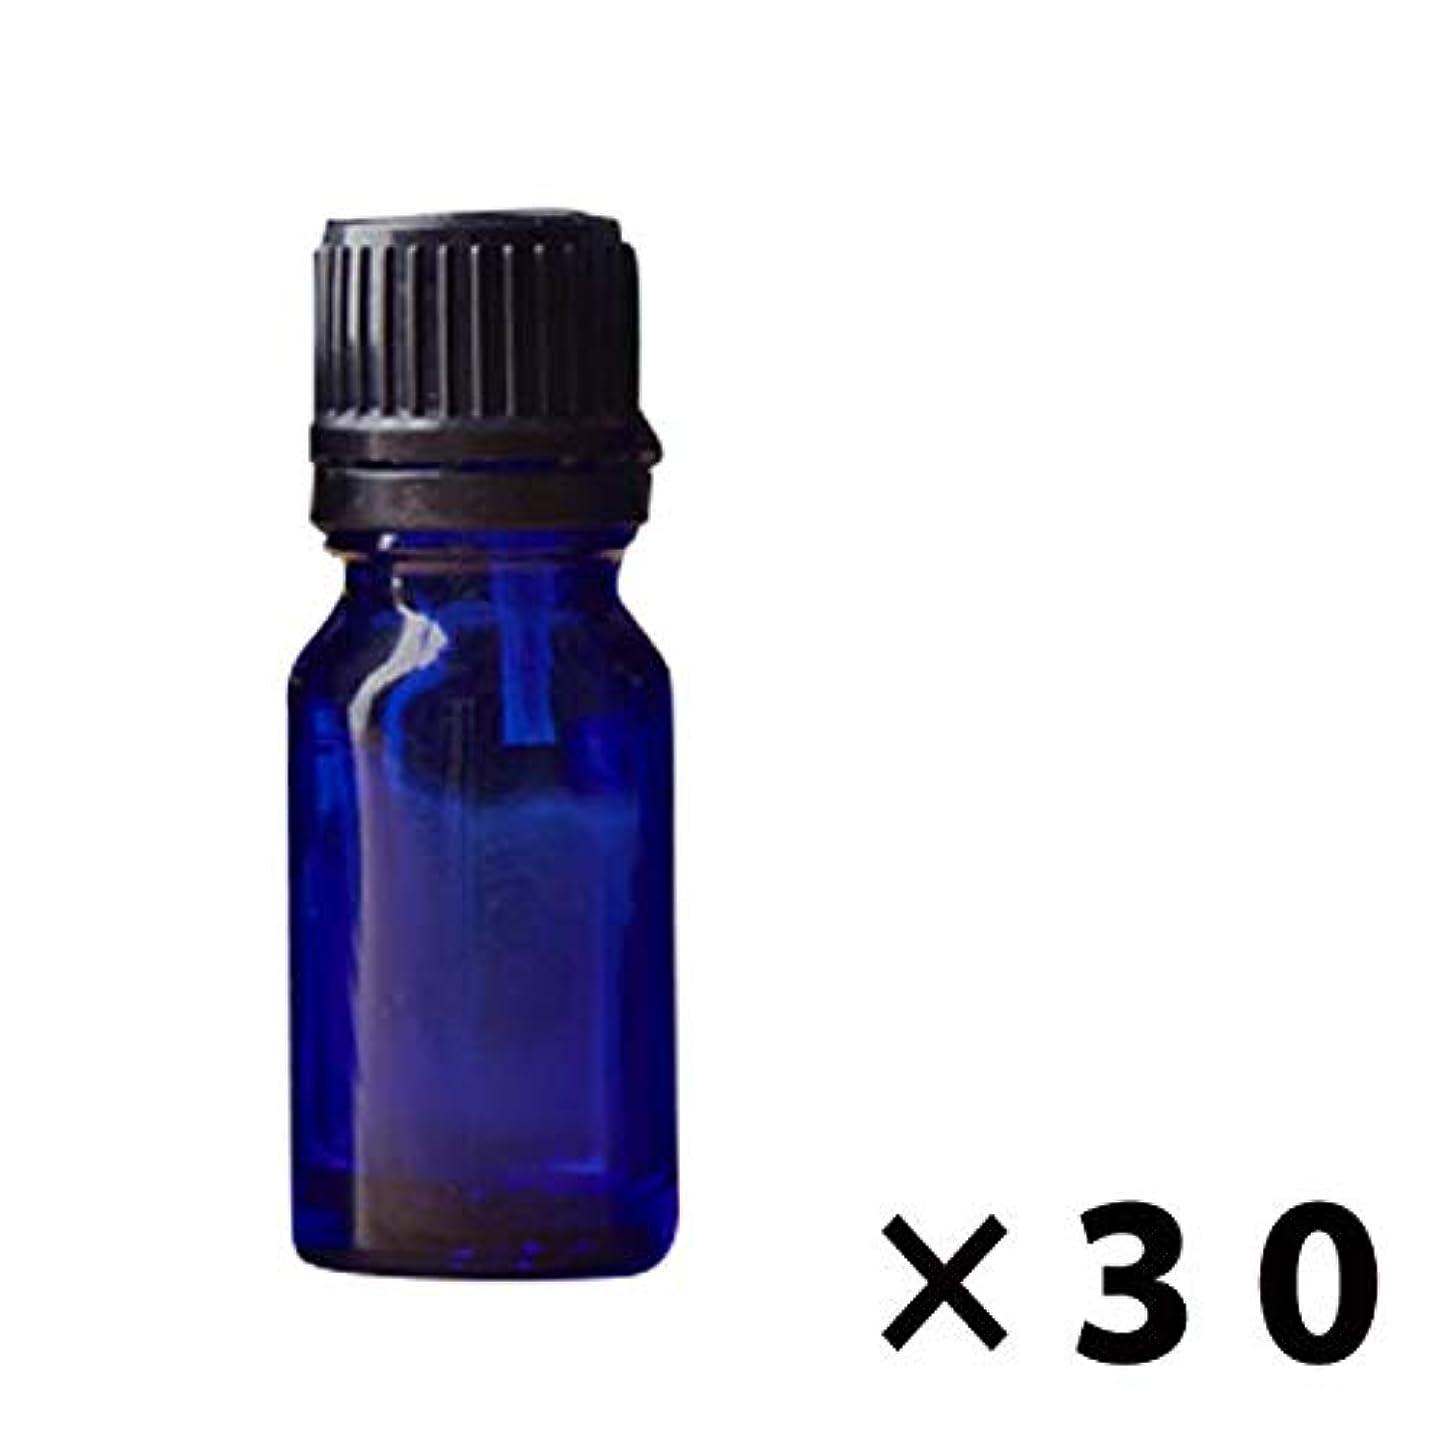 ミュウミュウボーナスガラス遮光瓶 30本 アロマオイルボトル ドロッパー付き ブルー アンバー 5ml 10ml 15ml 20ml 30ml 茶色 青 ガラス瓶 アロマ 遮光ビン (ブルー, 10ml)